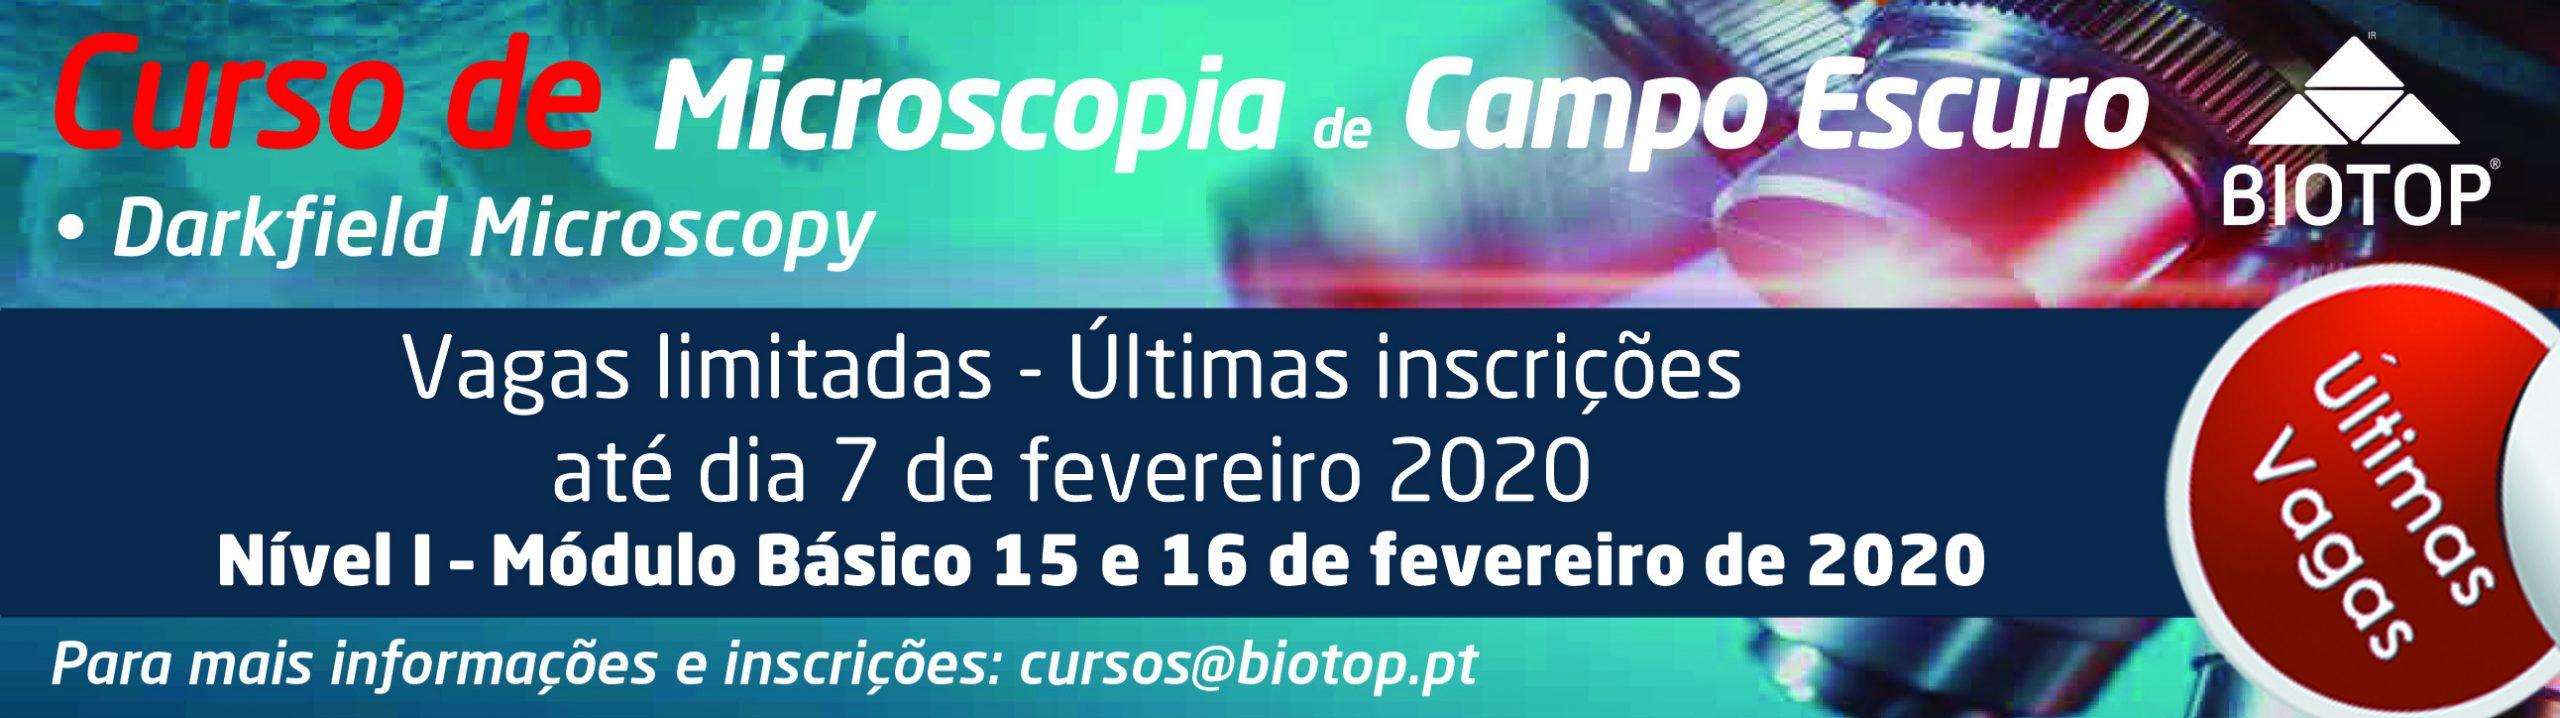 Curso de Microscopia de Campo Escuro 2020 - últimas inscrições